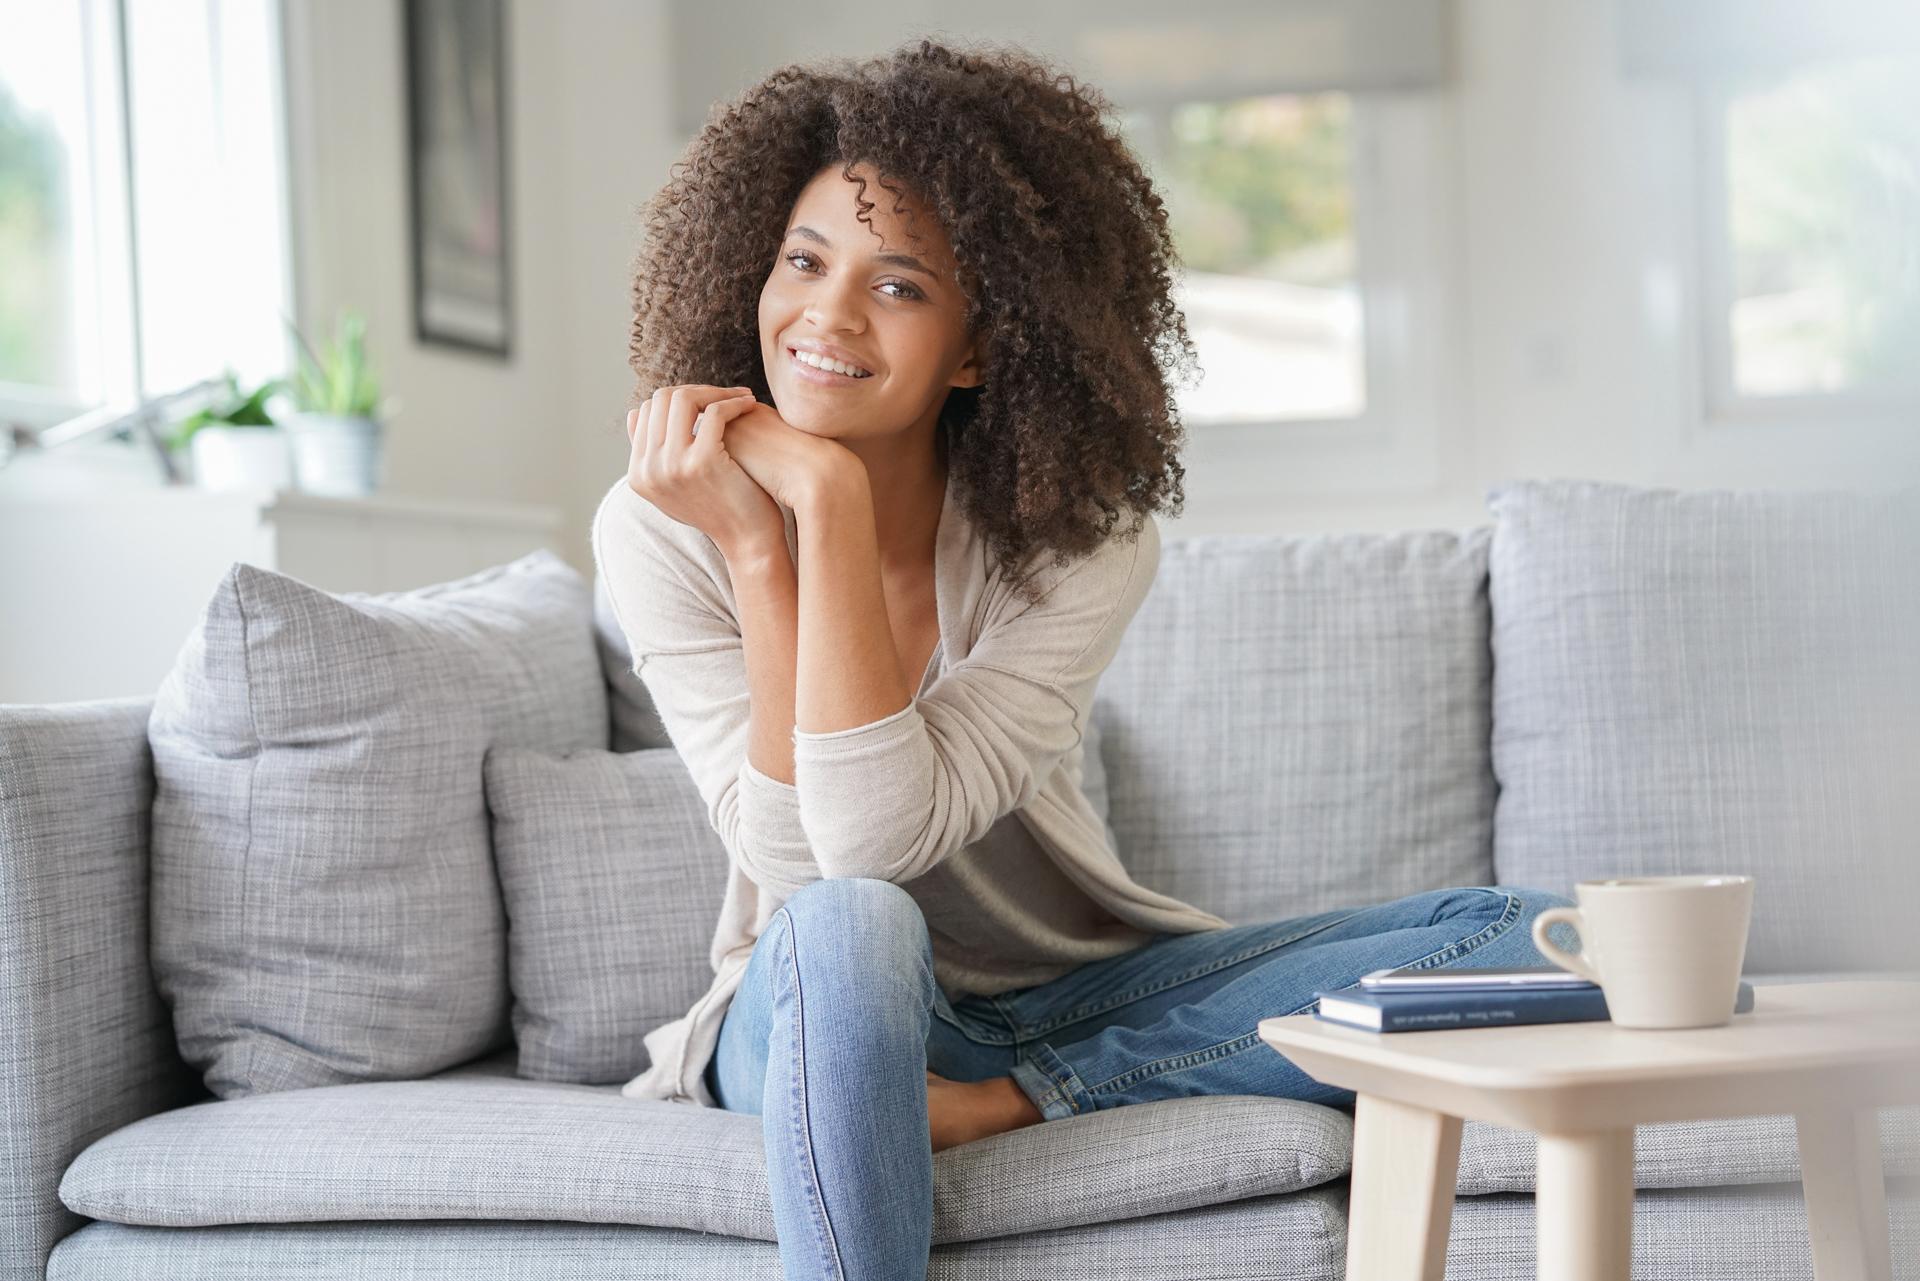 Beuatiful mixed race woman relaxing in sofa